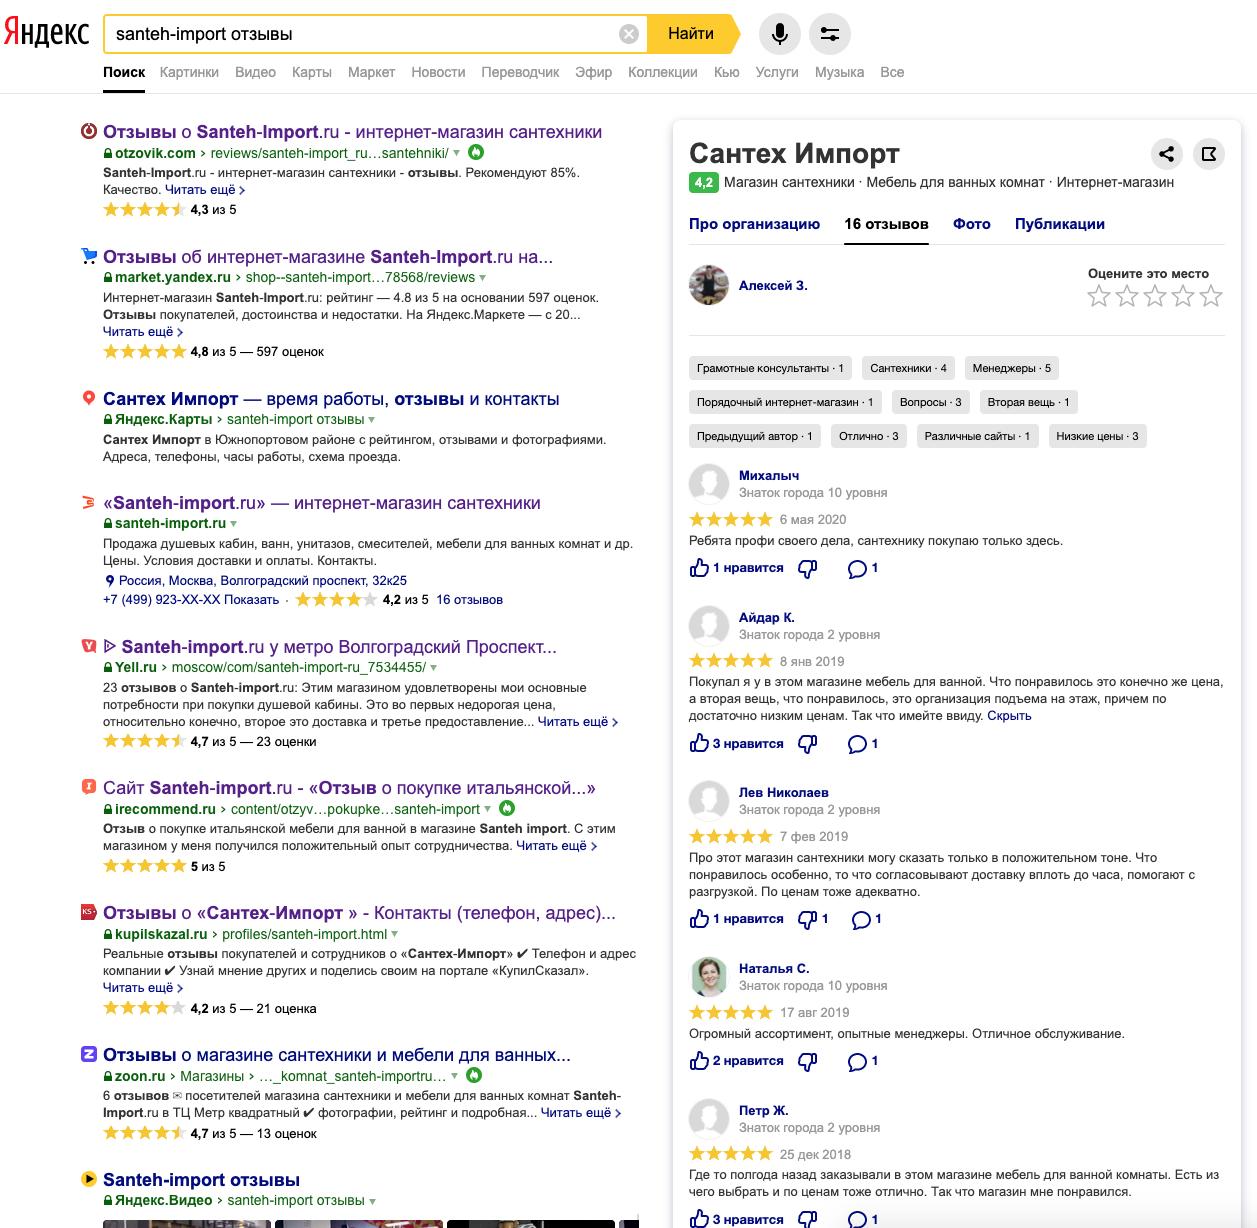 Редизайн-интернет-магазина. Анализ отзывов